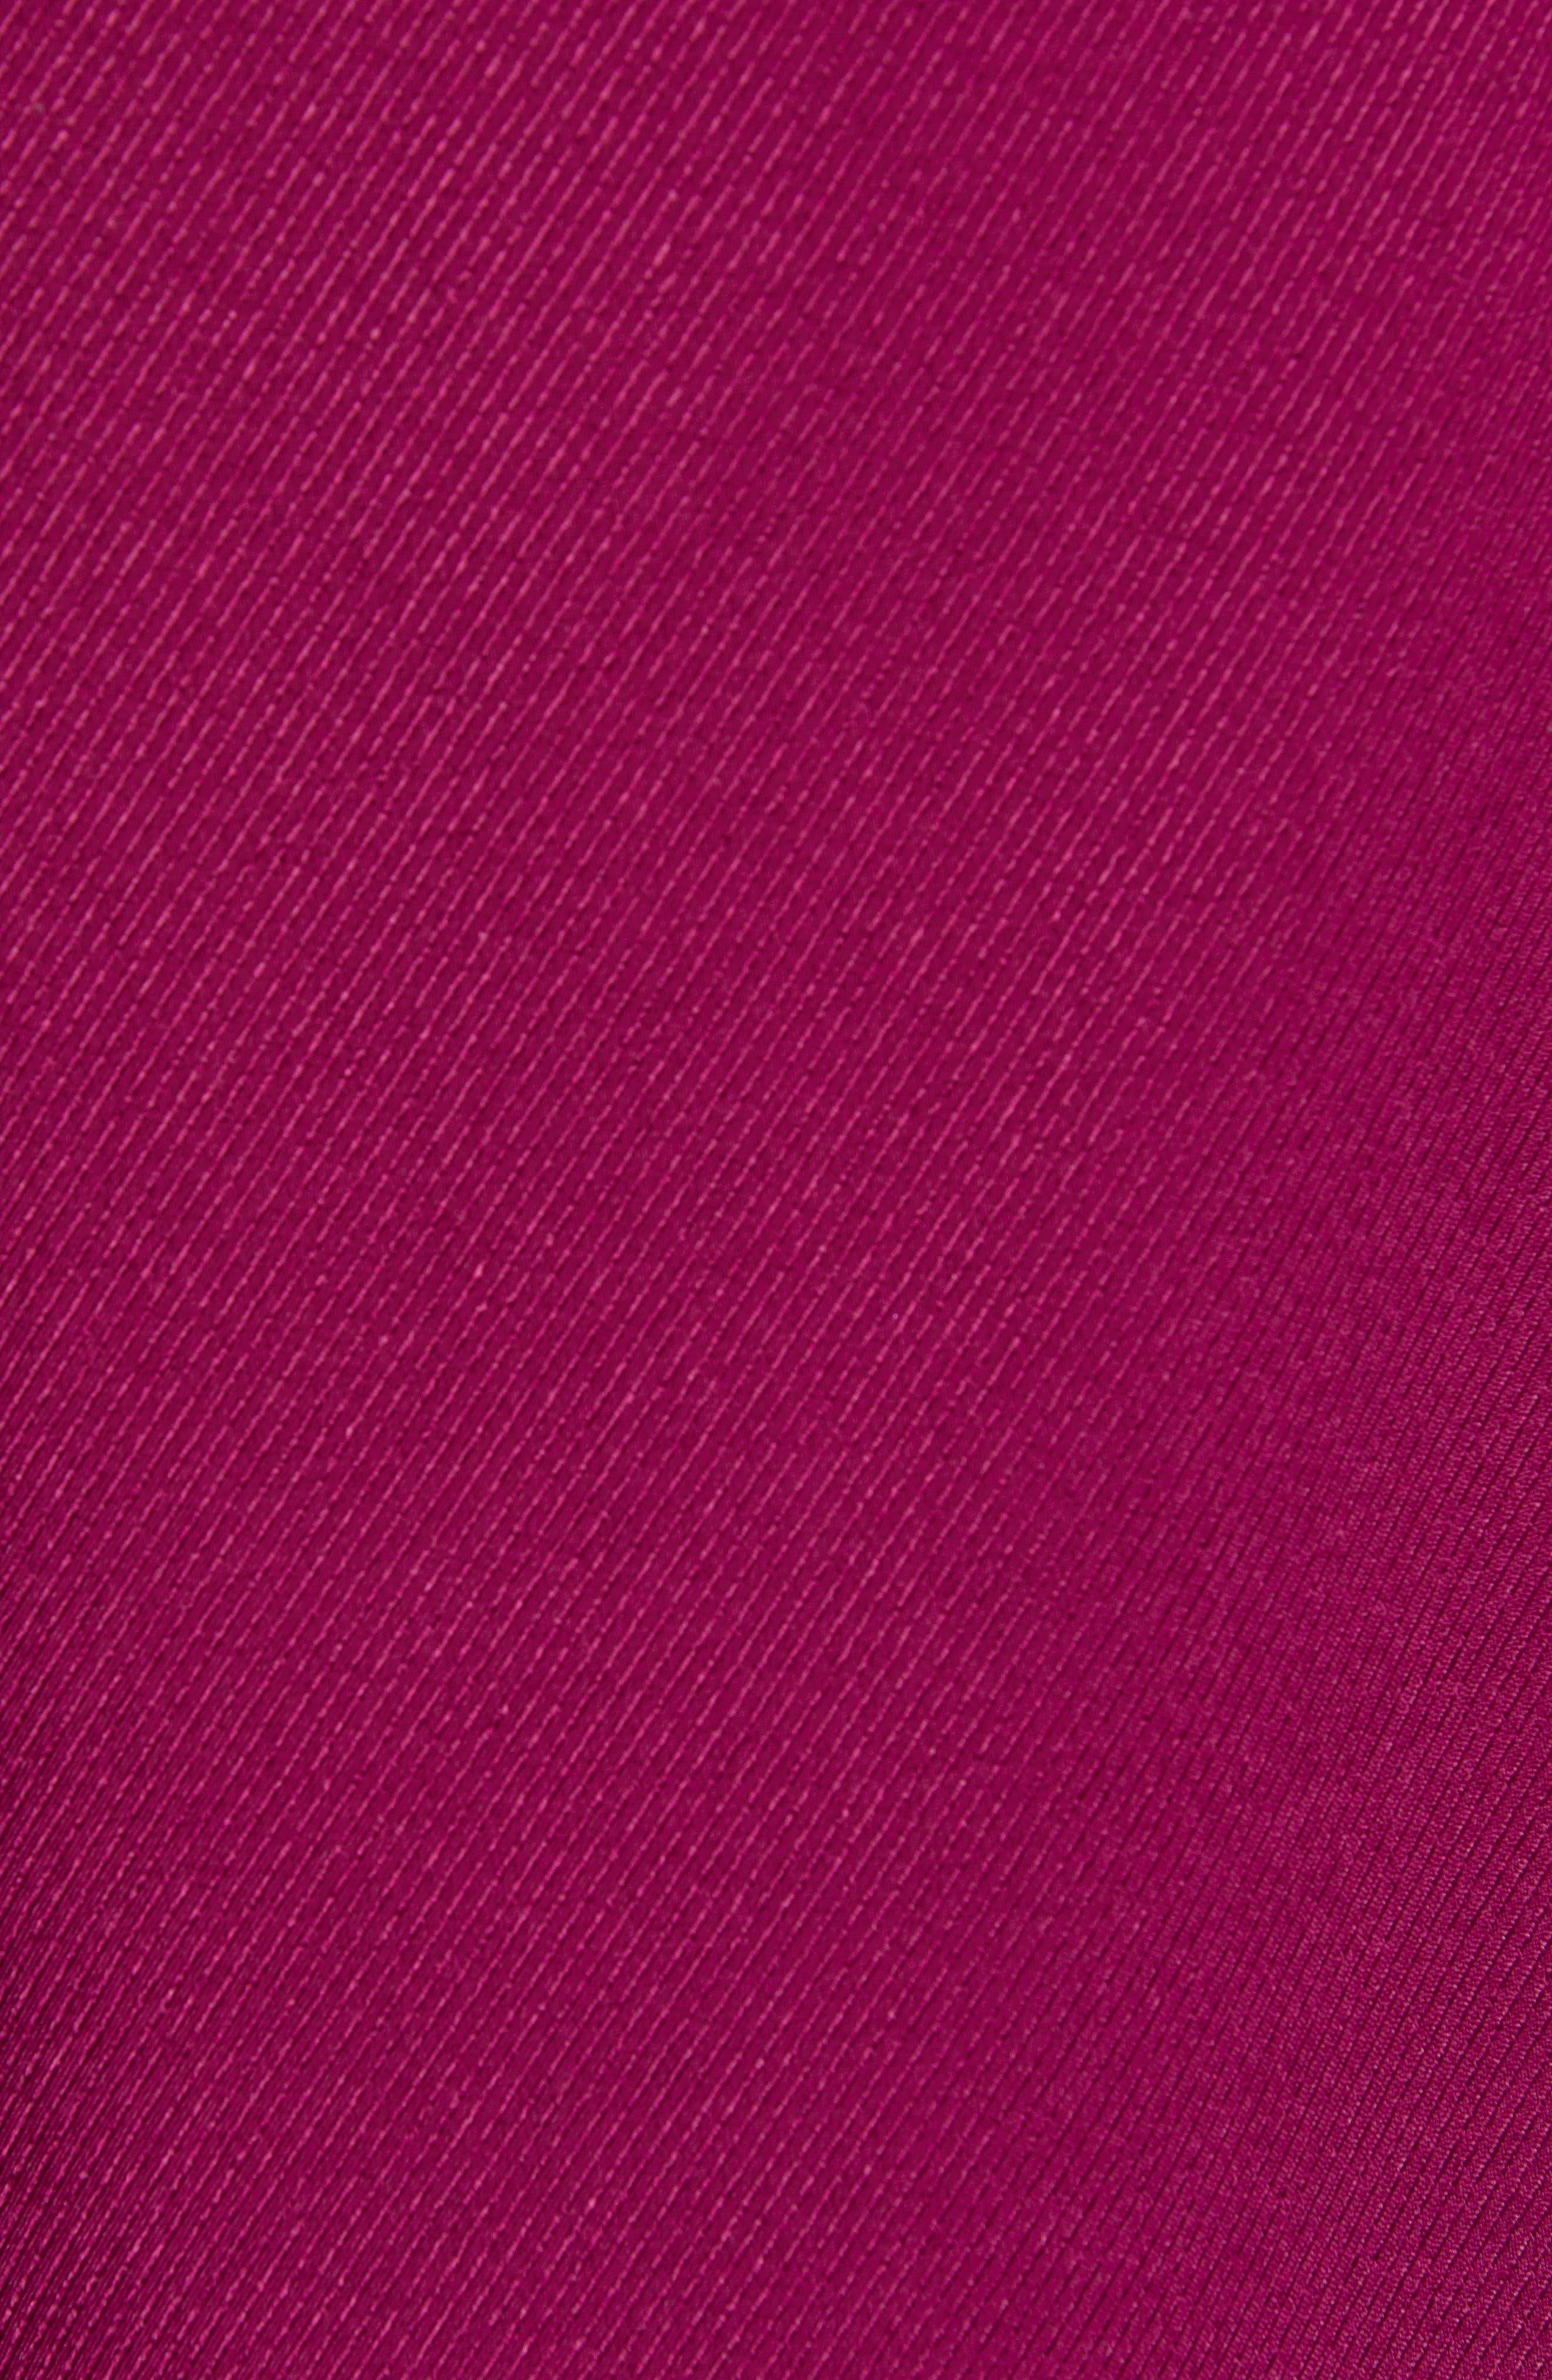 Chriselle Lim Wren Trench Dress,                             Alternate thumbnail 6, color,                             MAGENTA